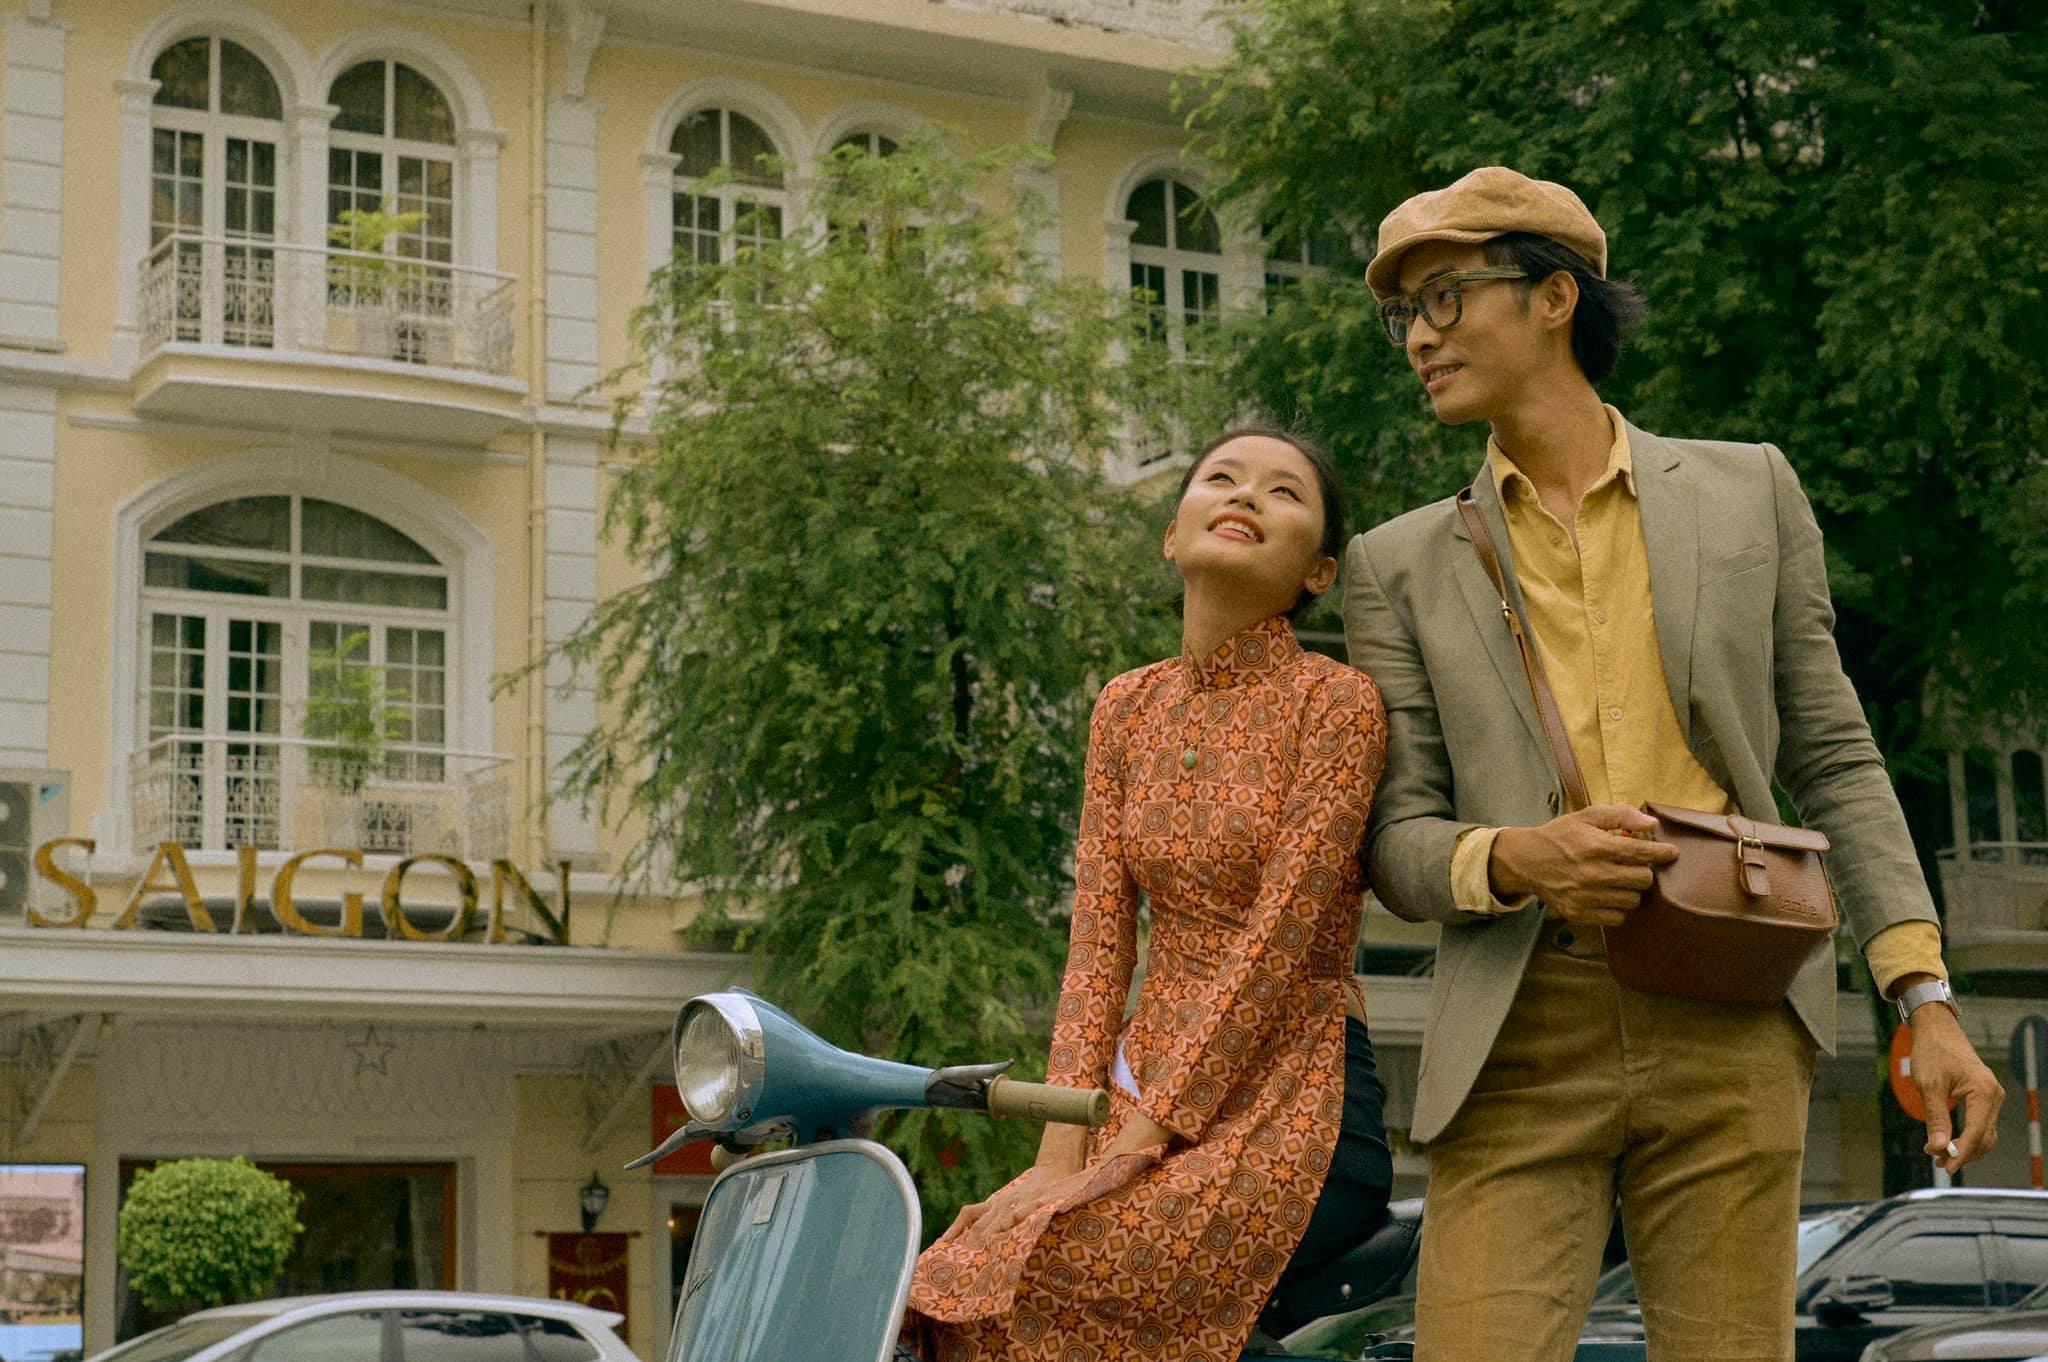 Bộ ảnh tình yêu cực 'ngọt' của cặp đôi trẻ trong dáng vẻ Sài thành xưa